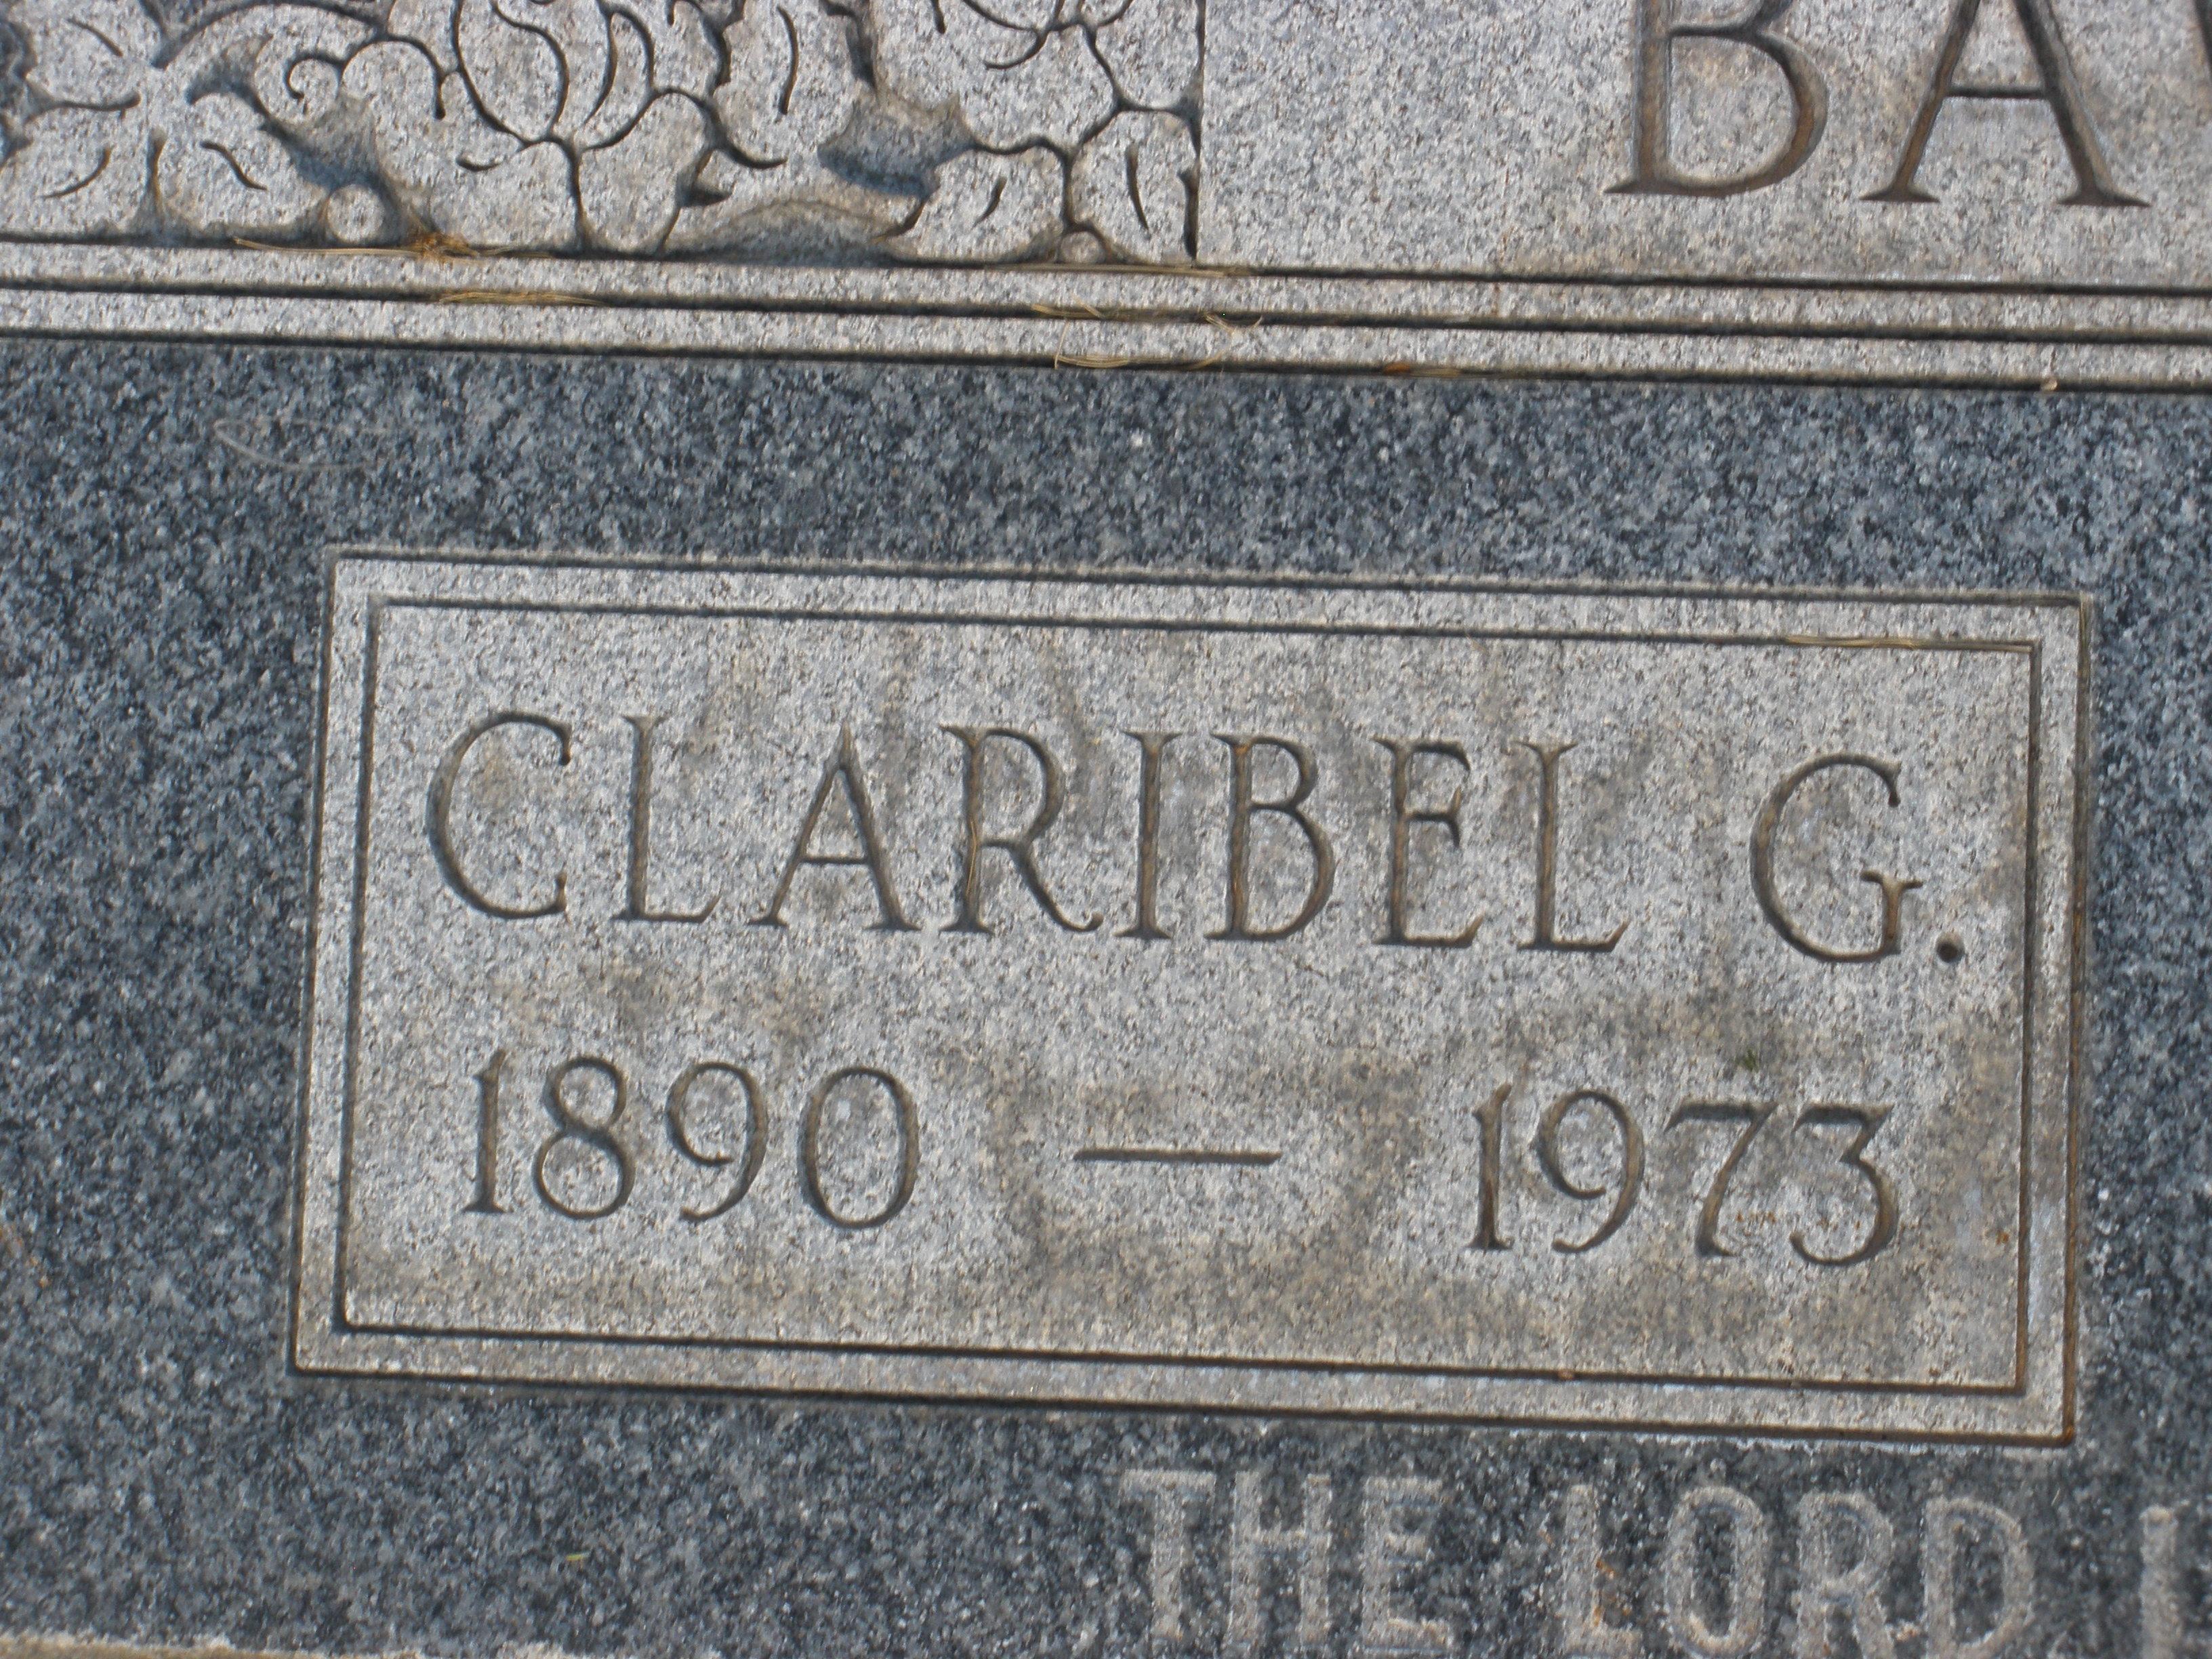 Claribel <i>Gardiner</i> Bawden